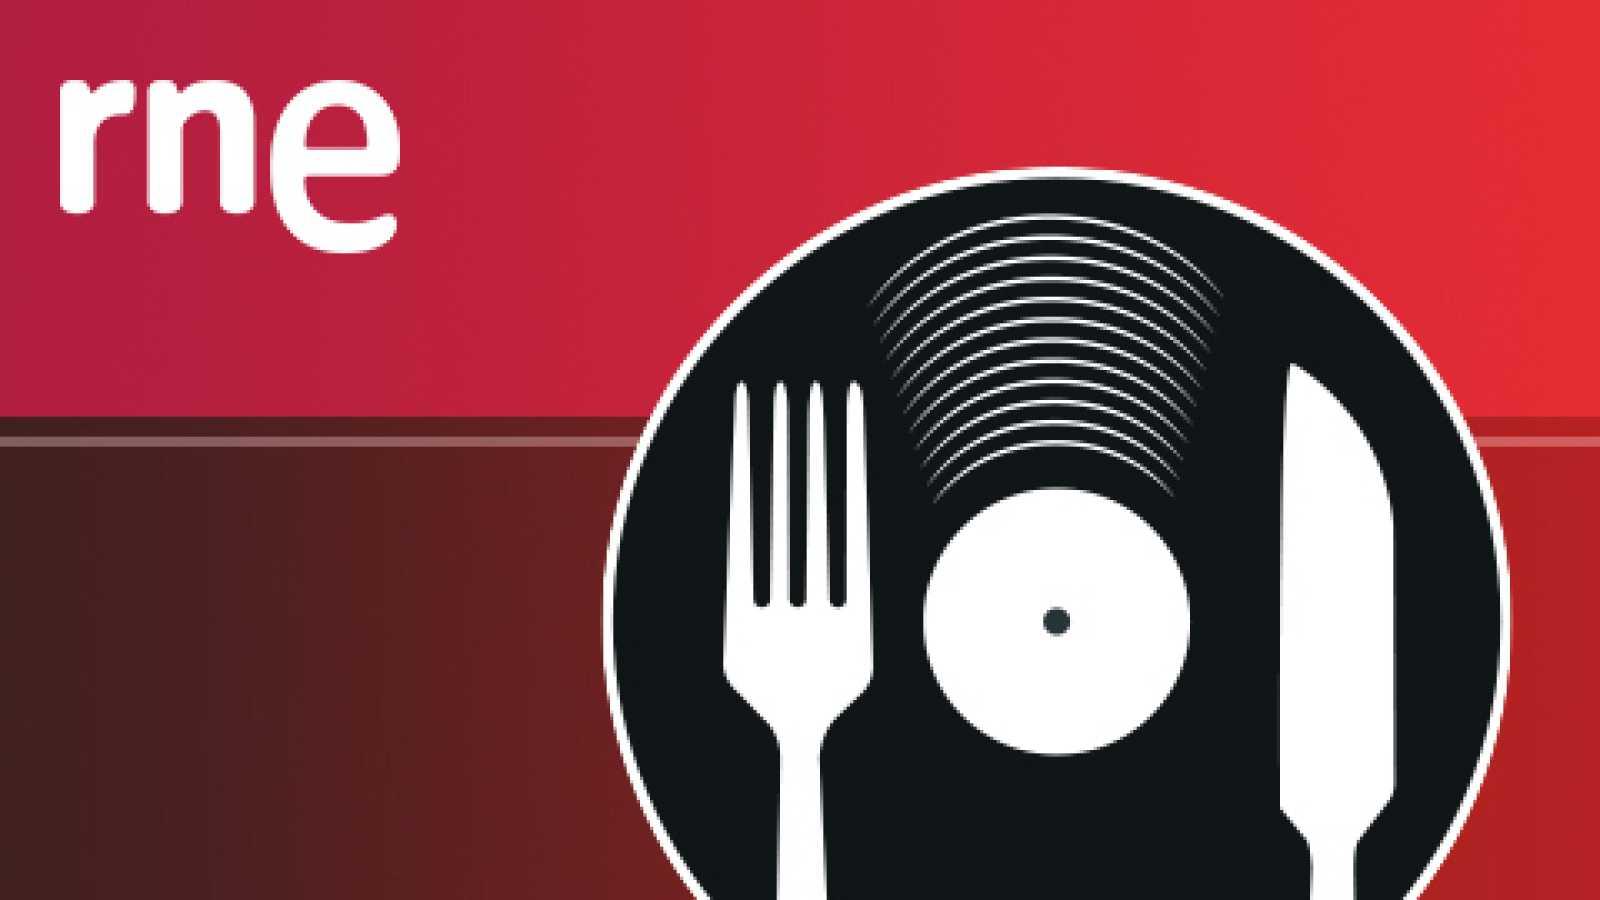 Comer y cantar - Patatinos con bonito - 31/05/14 - escuchar ahora